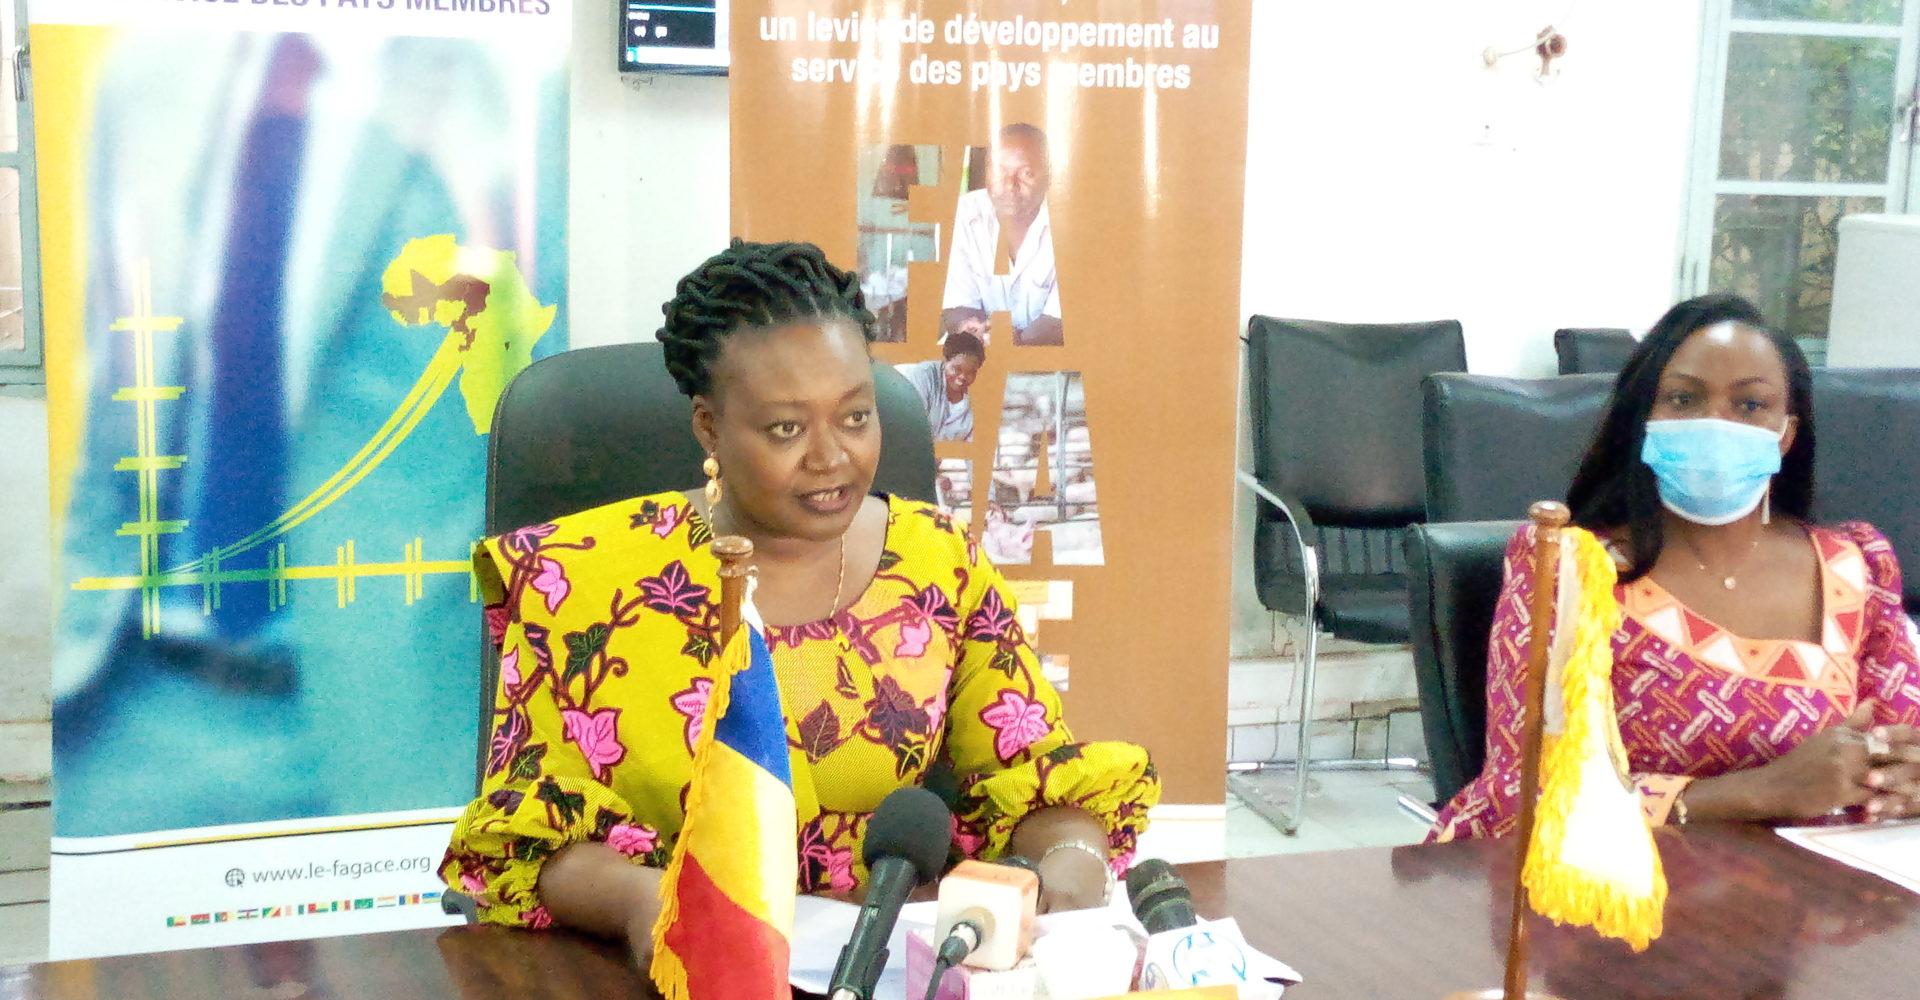 Fagace : bientôt la mise en place d'un bureau d'Informations et de Liaison au Tchad 1